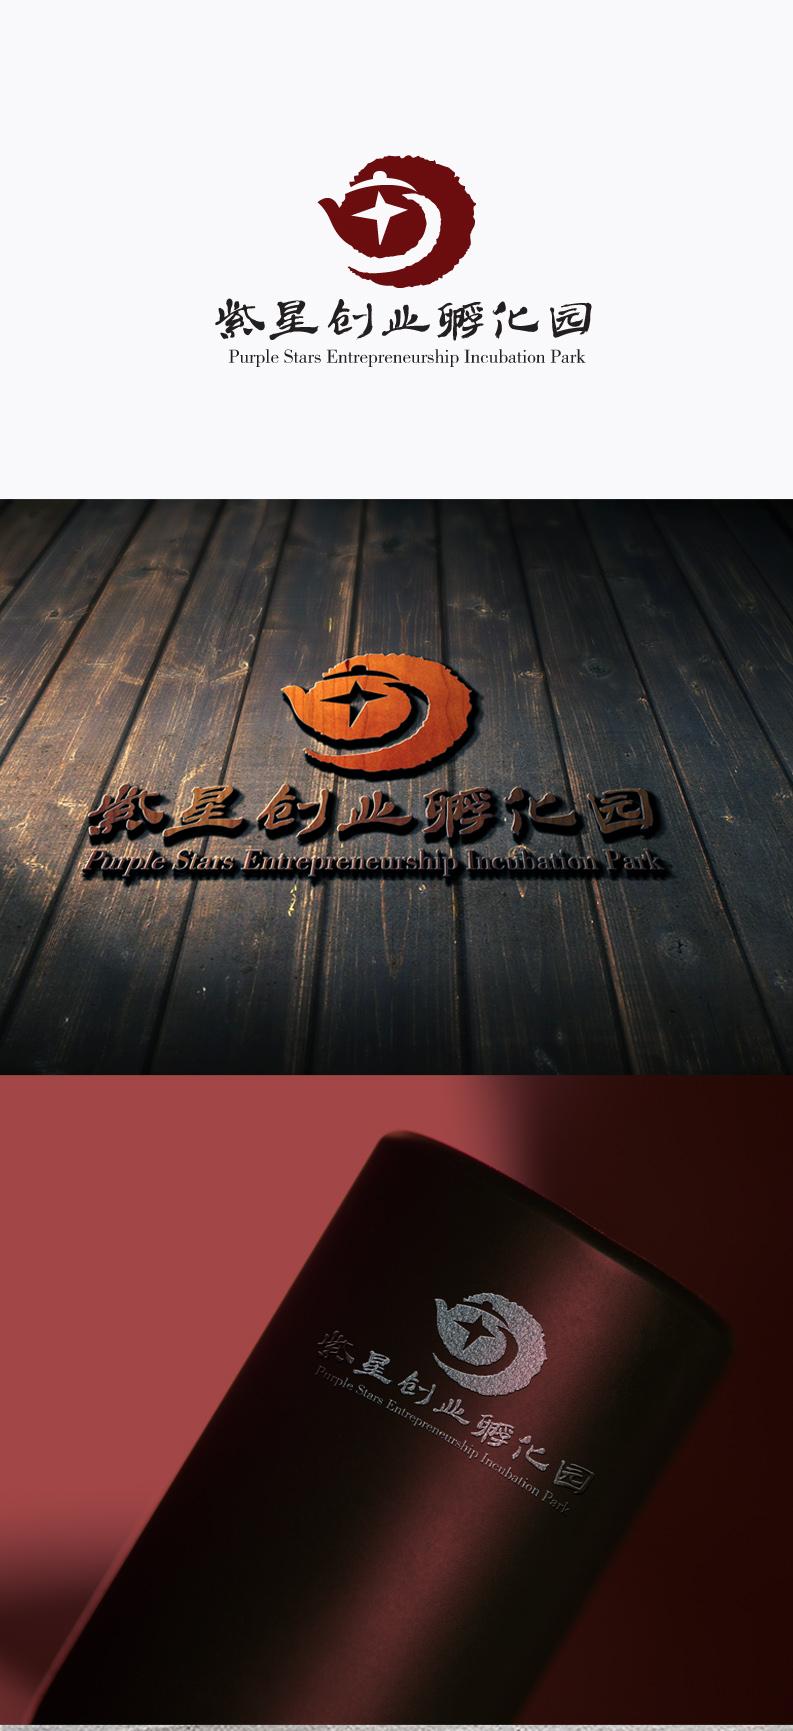 紫星创业孵化园logo设计_2956076_k68威客网